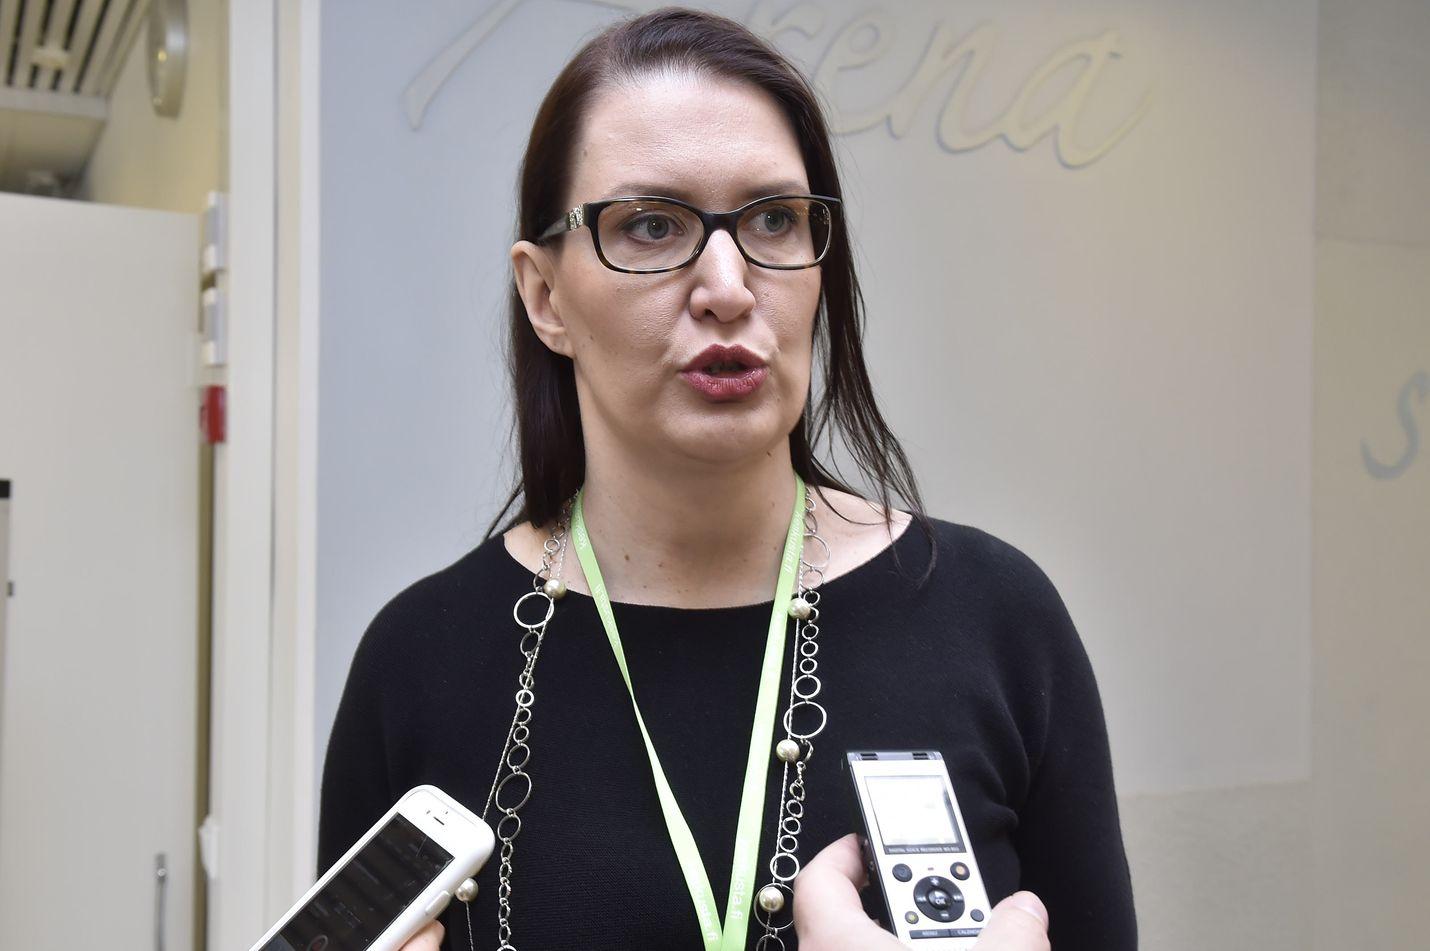 Keskustan puoluesihteeri Riikka Pirkkalainen avasi puoluekokouksen uusia linjauksia torstaina Helsingissä.